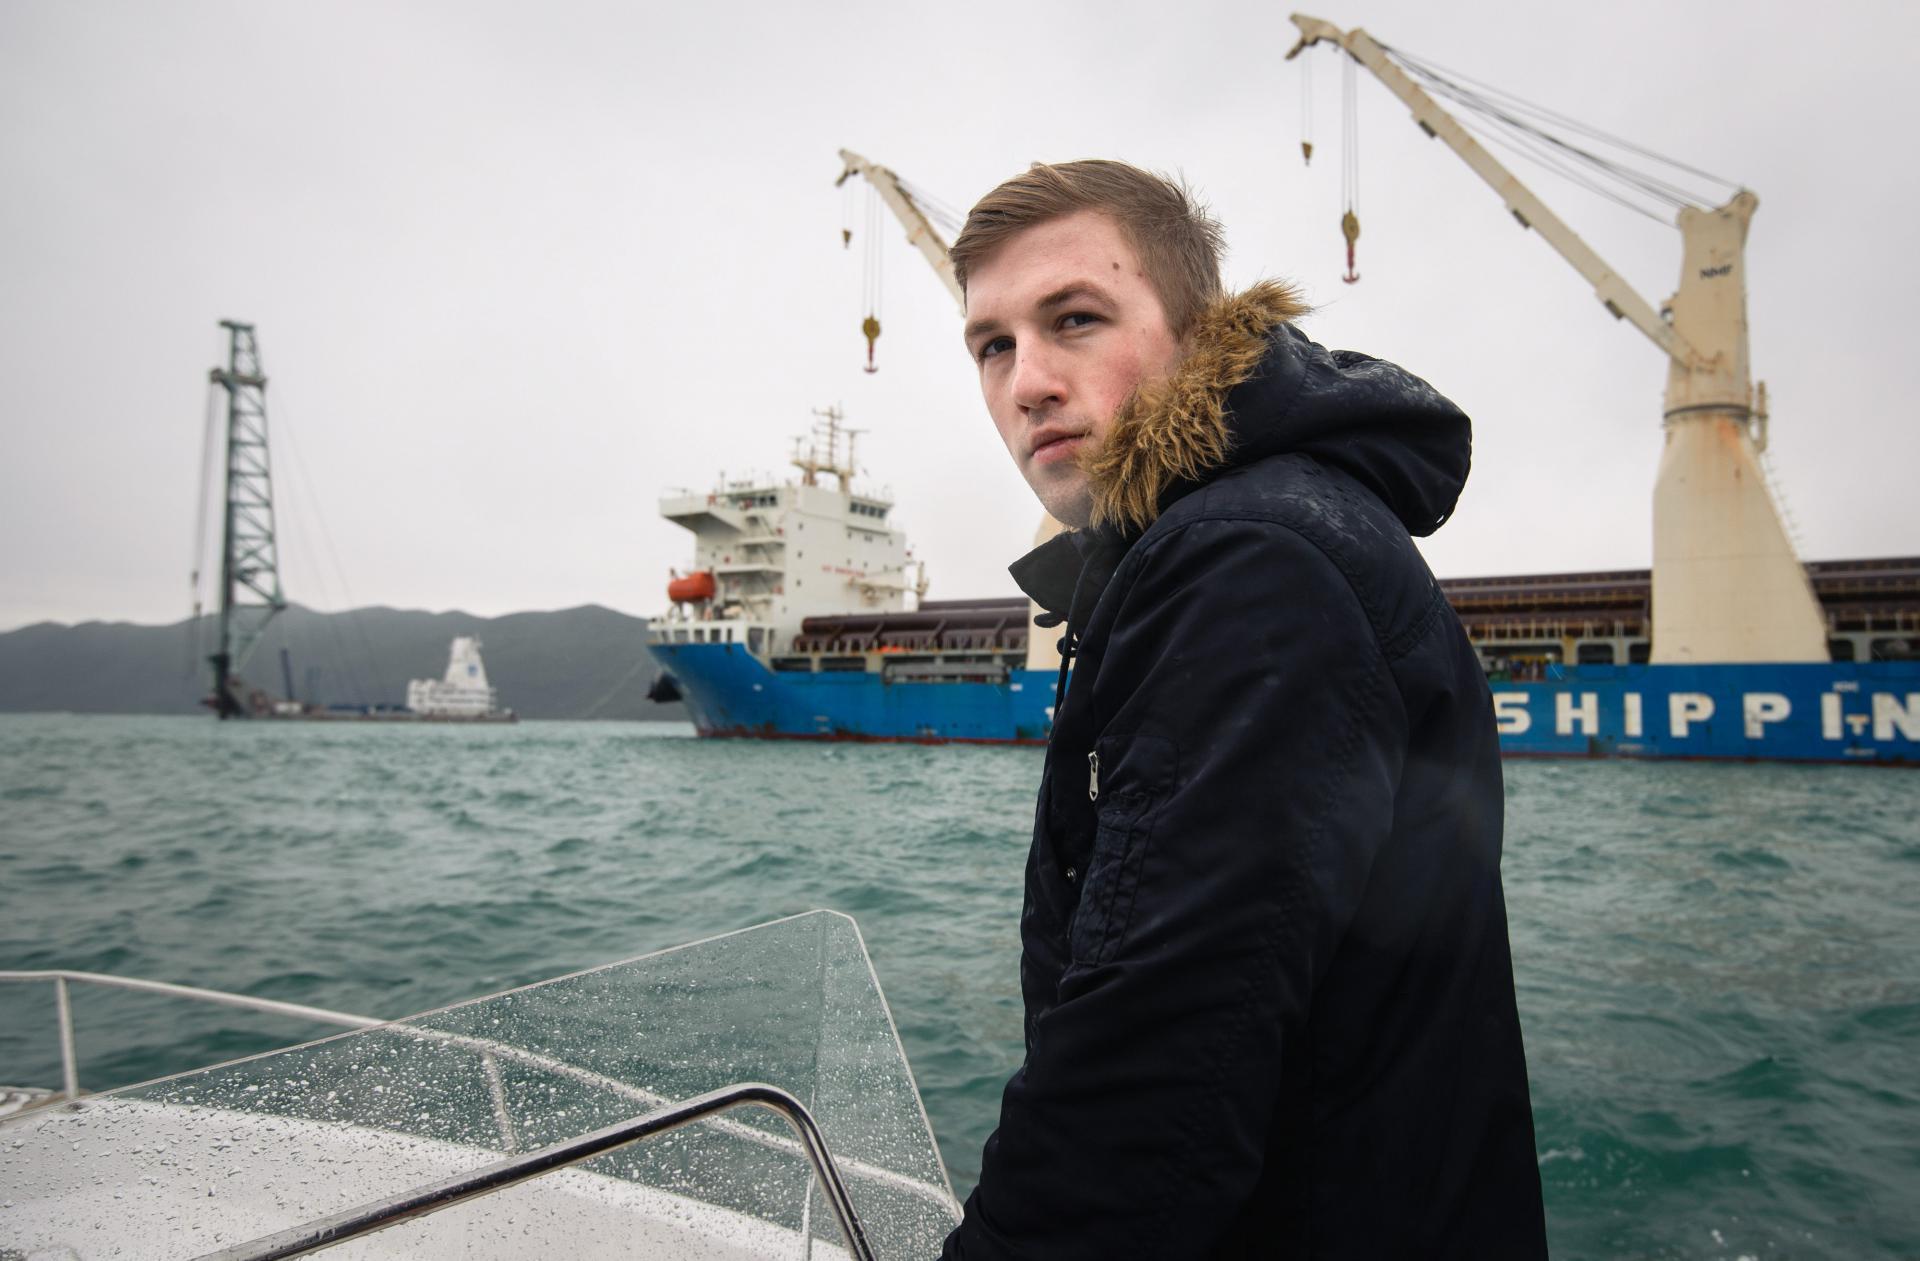 Ivo Jerković Bili uz kineske brodove na gradilištu budućeg pelješkog mosta